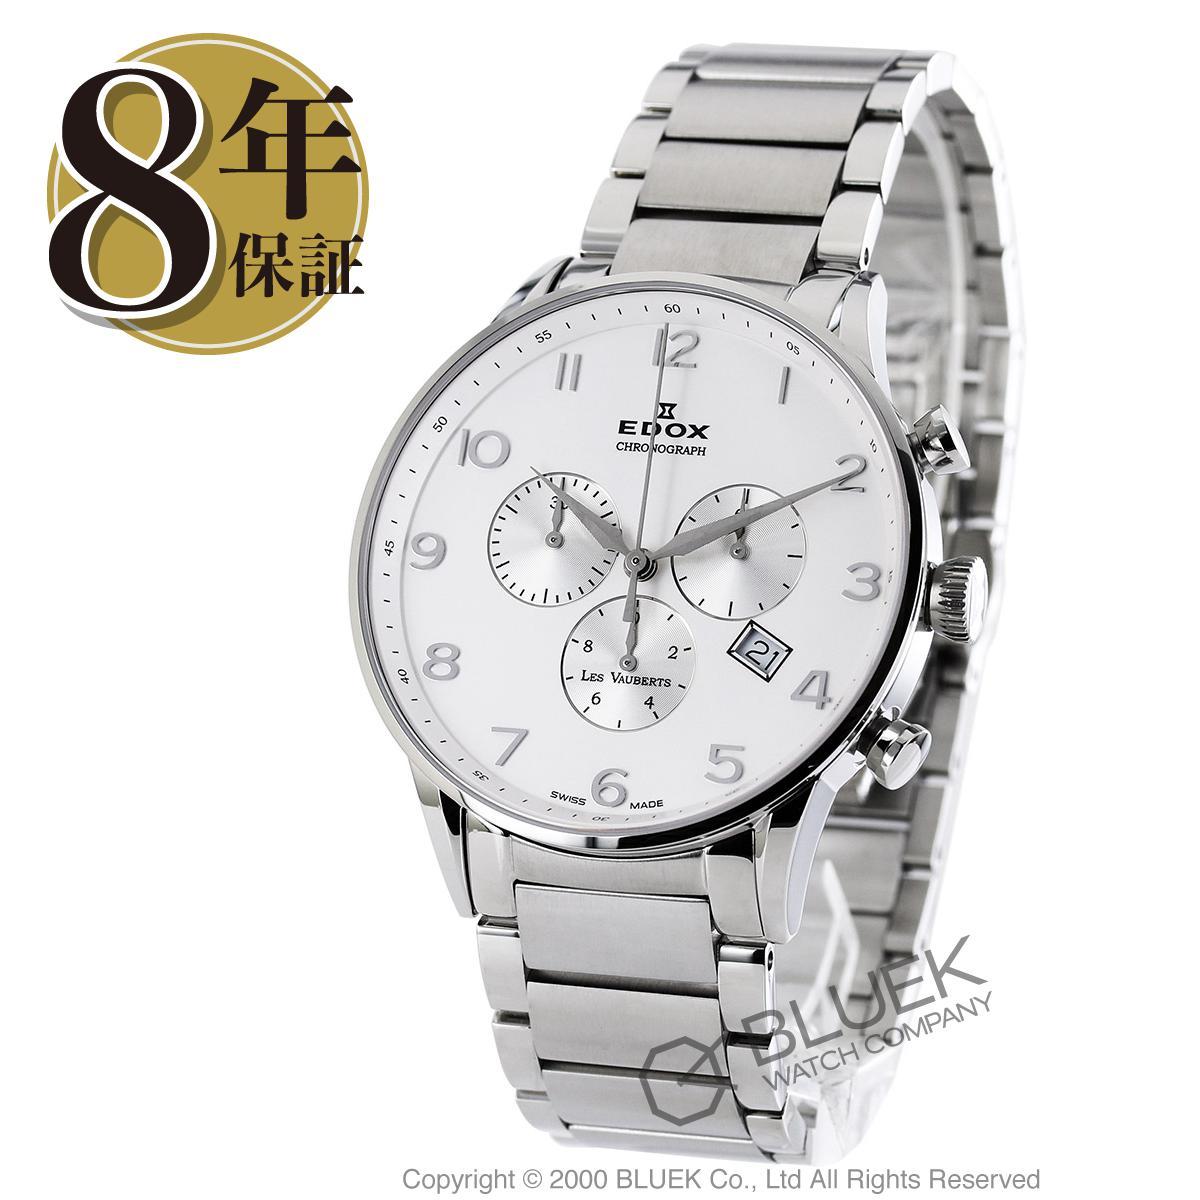 エドックス レ・ボベール クロノグラフ 腕時計 メンズ EDOX 10409-3A-ABN_8